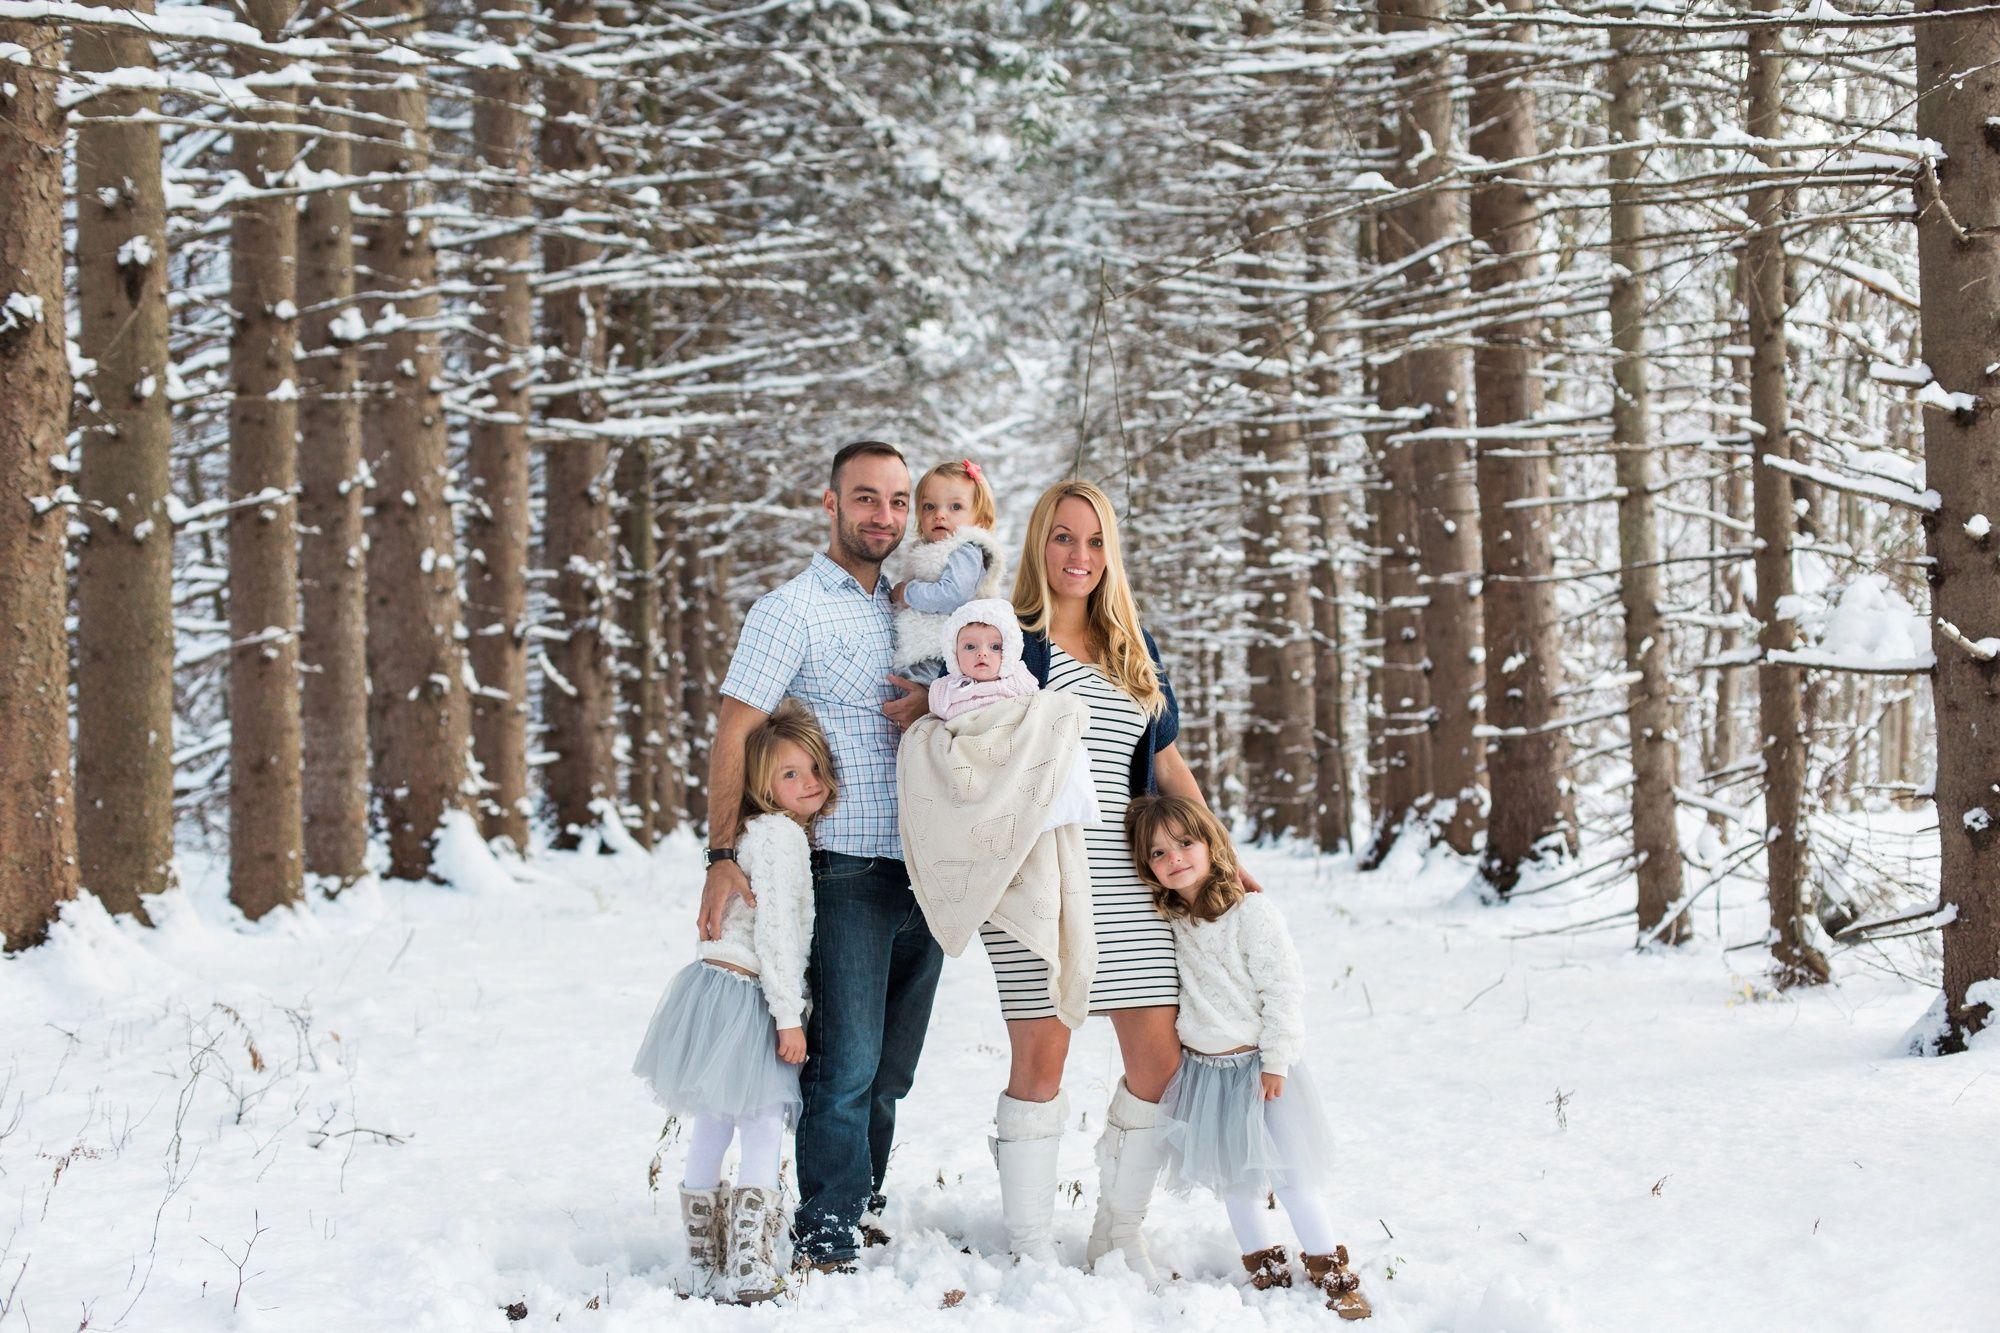 журнал идеи для фотосессии семьей зимой получил